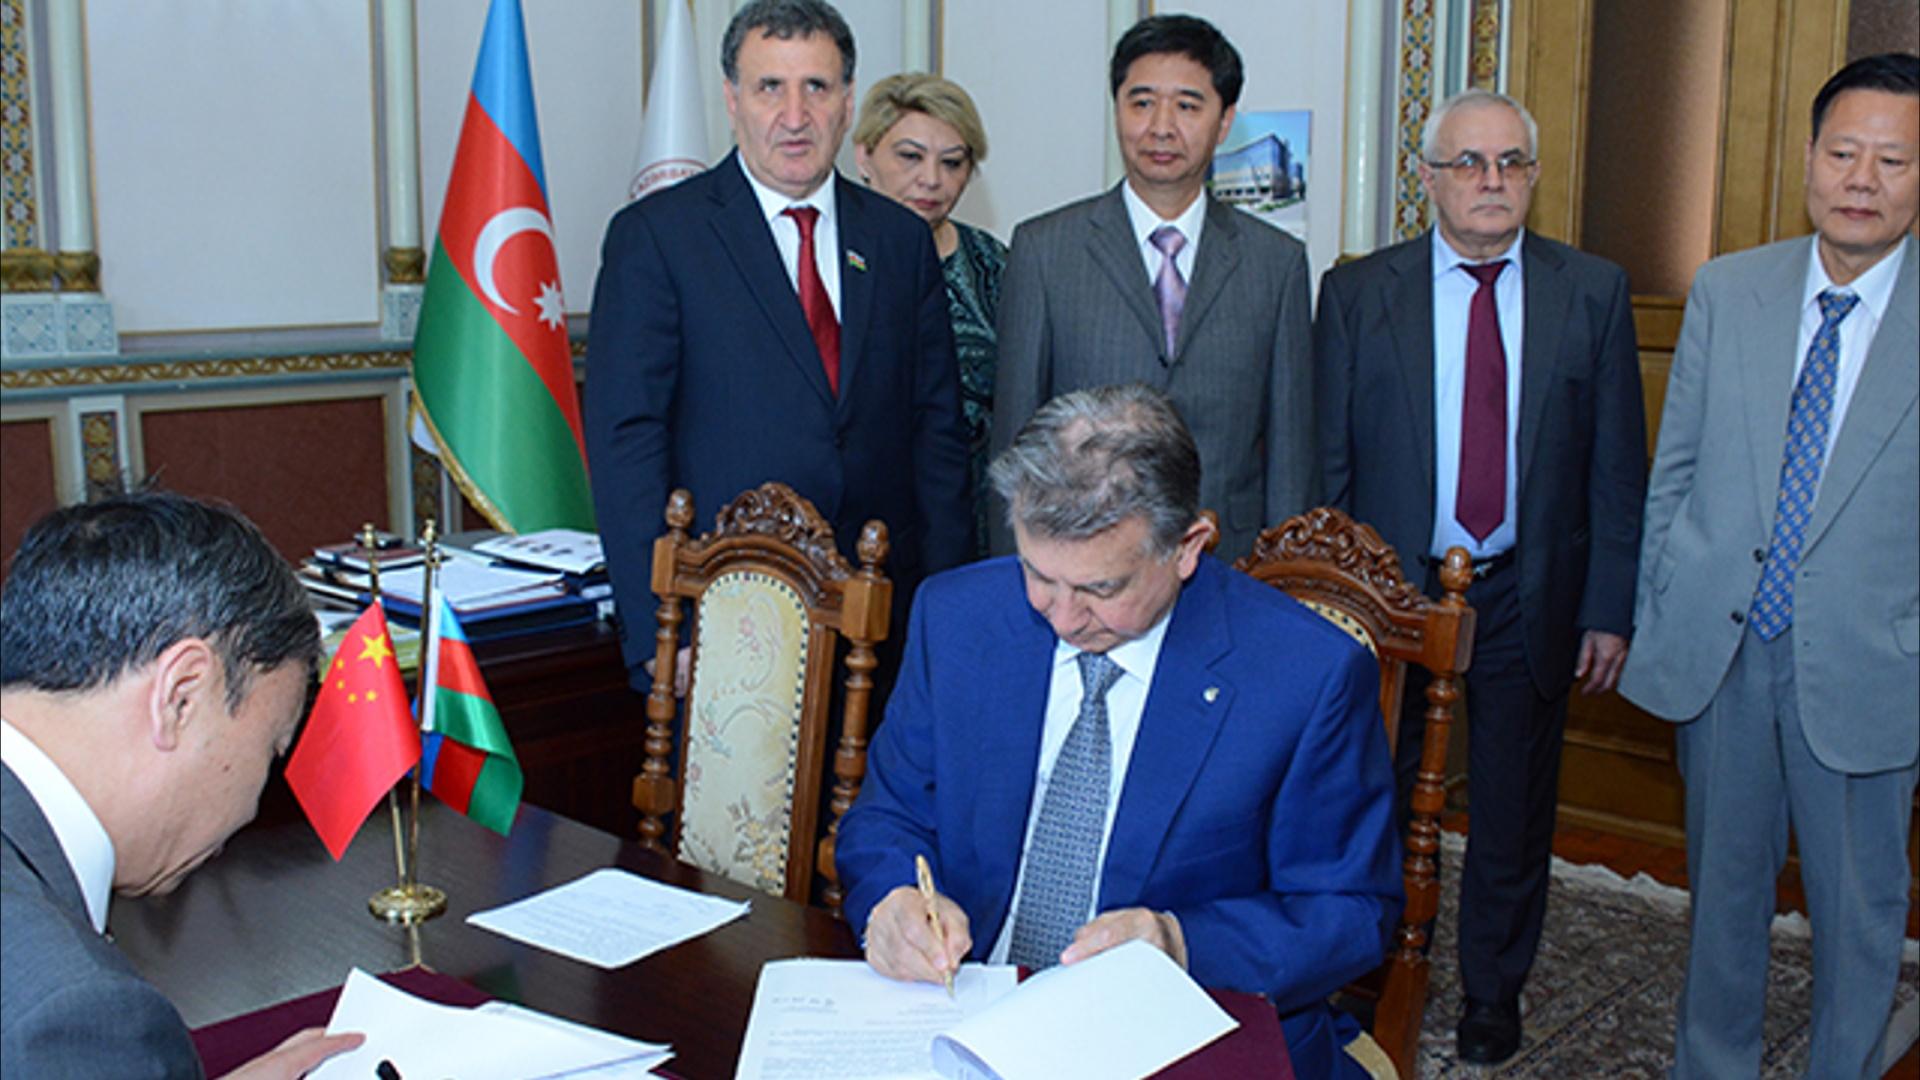 Çin İctimai Elmlər Akademiyası ilə əməkdaşlıq müqaviləsi imzalanıb